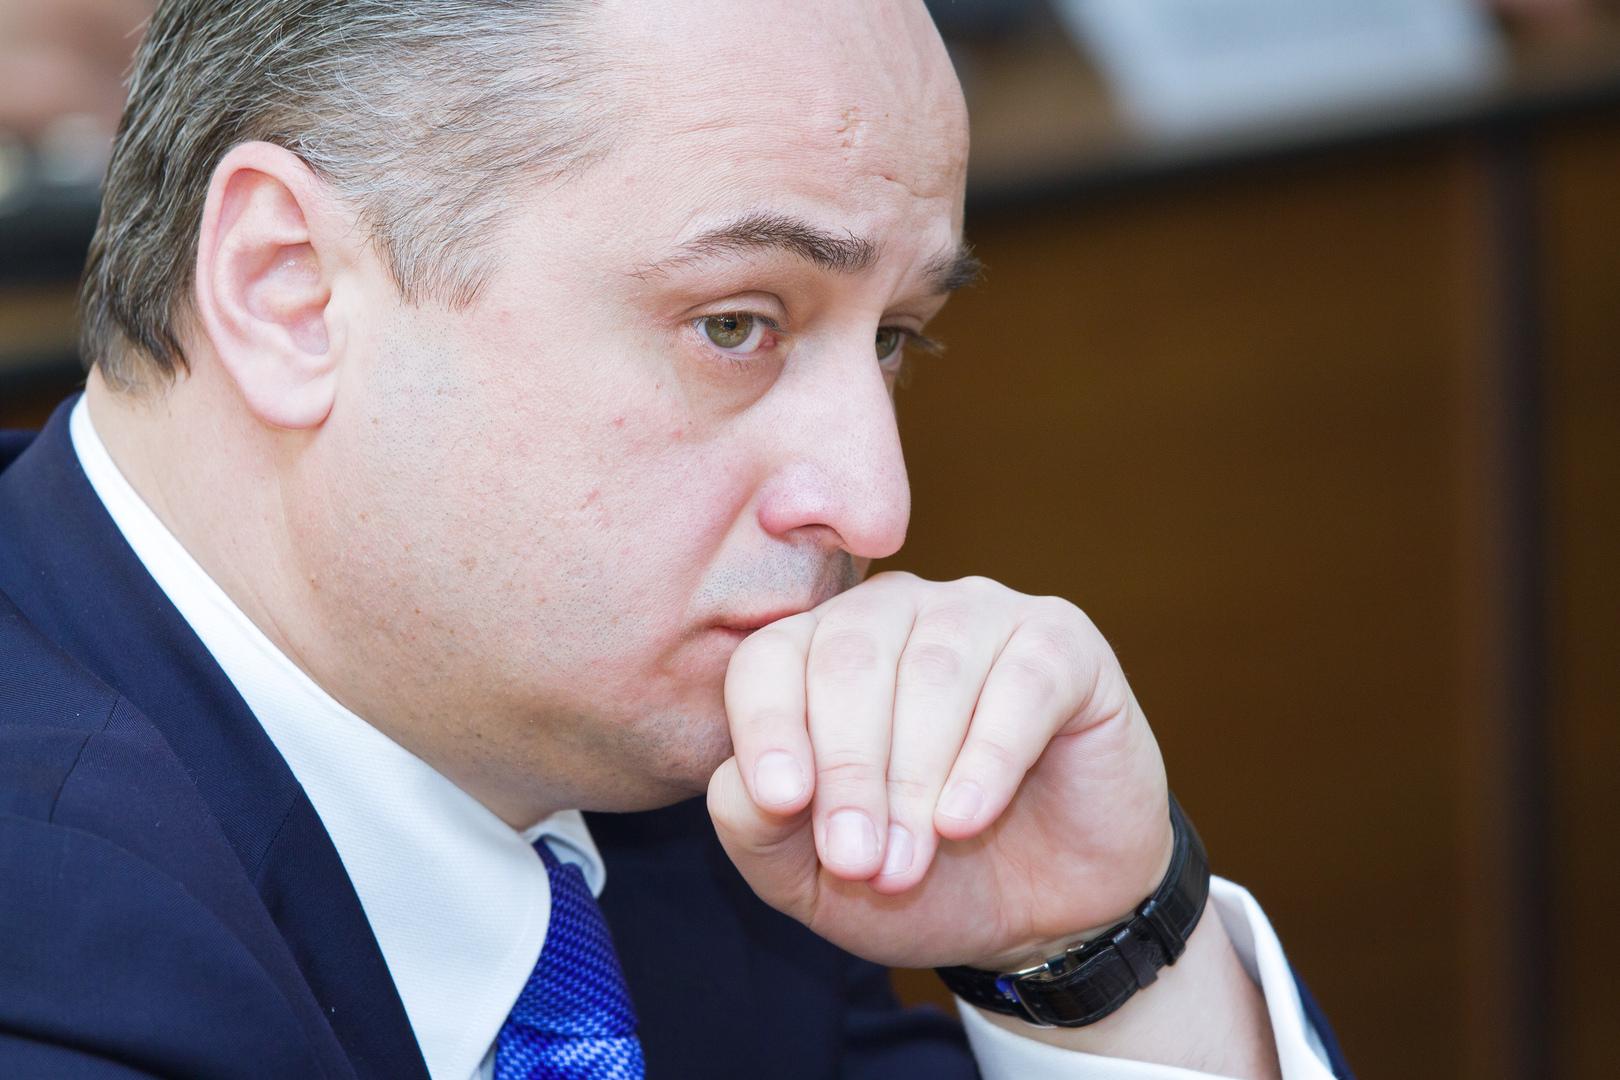 روسيا تطالب الولايات المتحدة بتسليم مسؤول سابق متهم بالفساد